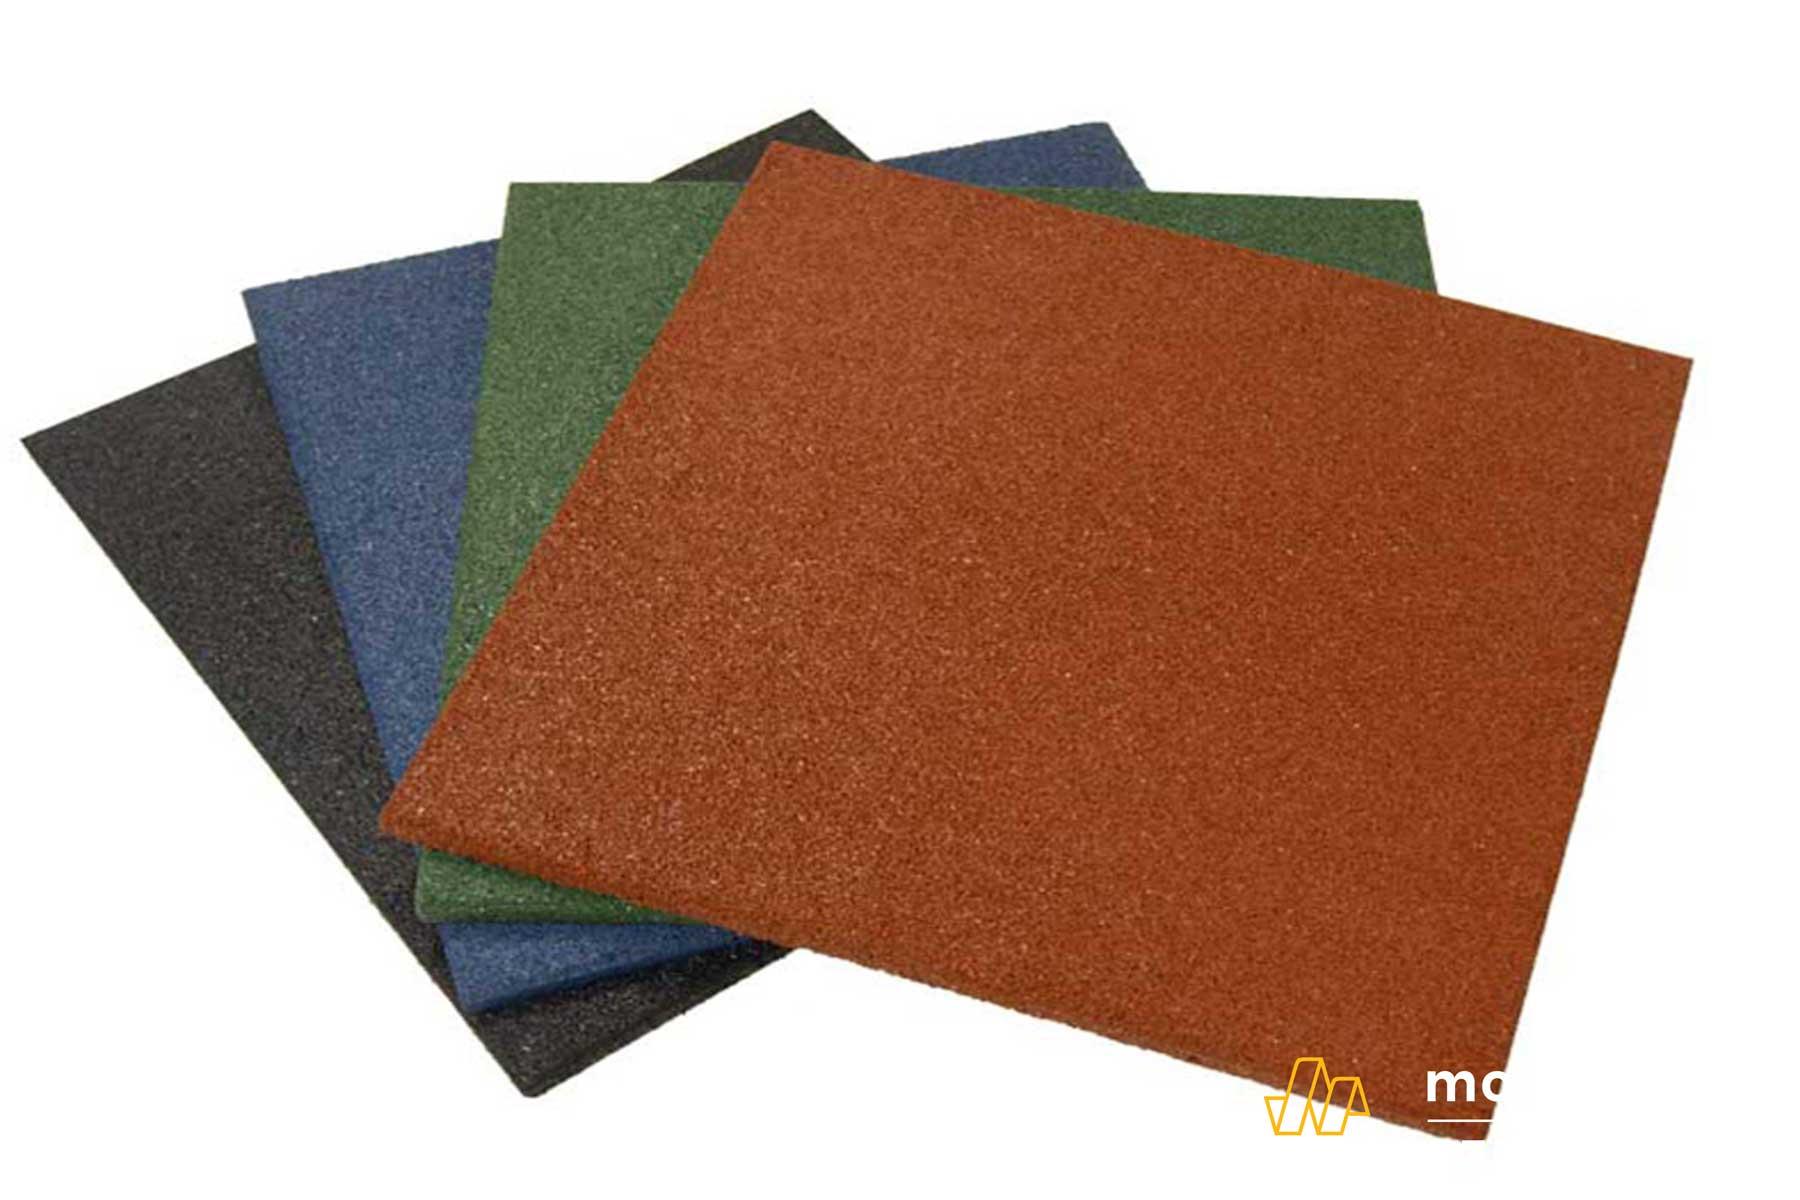 Sàn nhựa cao su cách âm và cách nhiệt tốt hơn rất nhiều sàn nhựa PVC